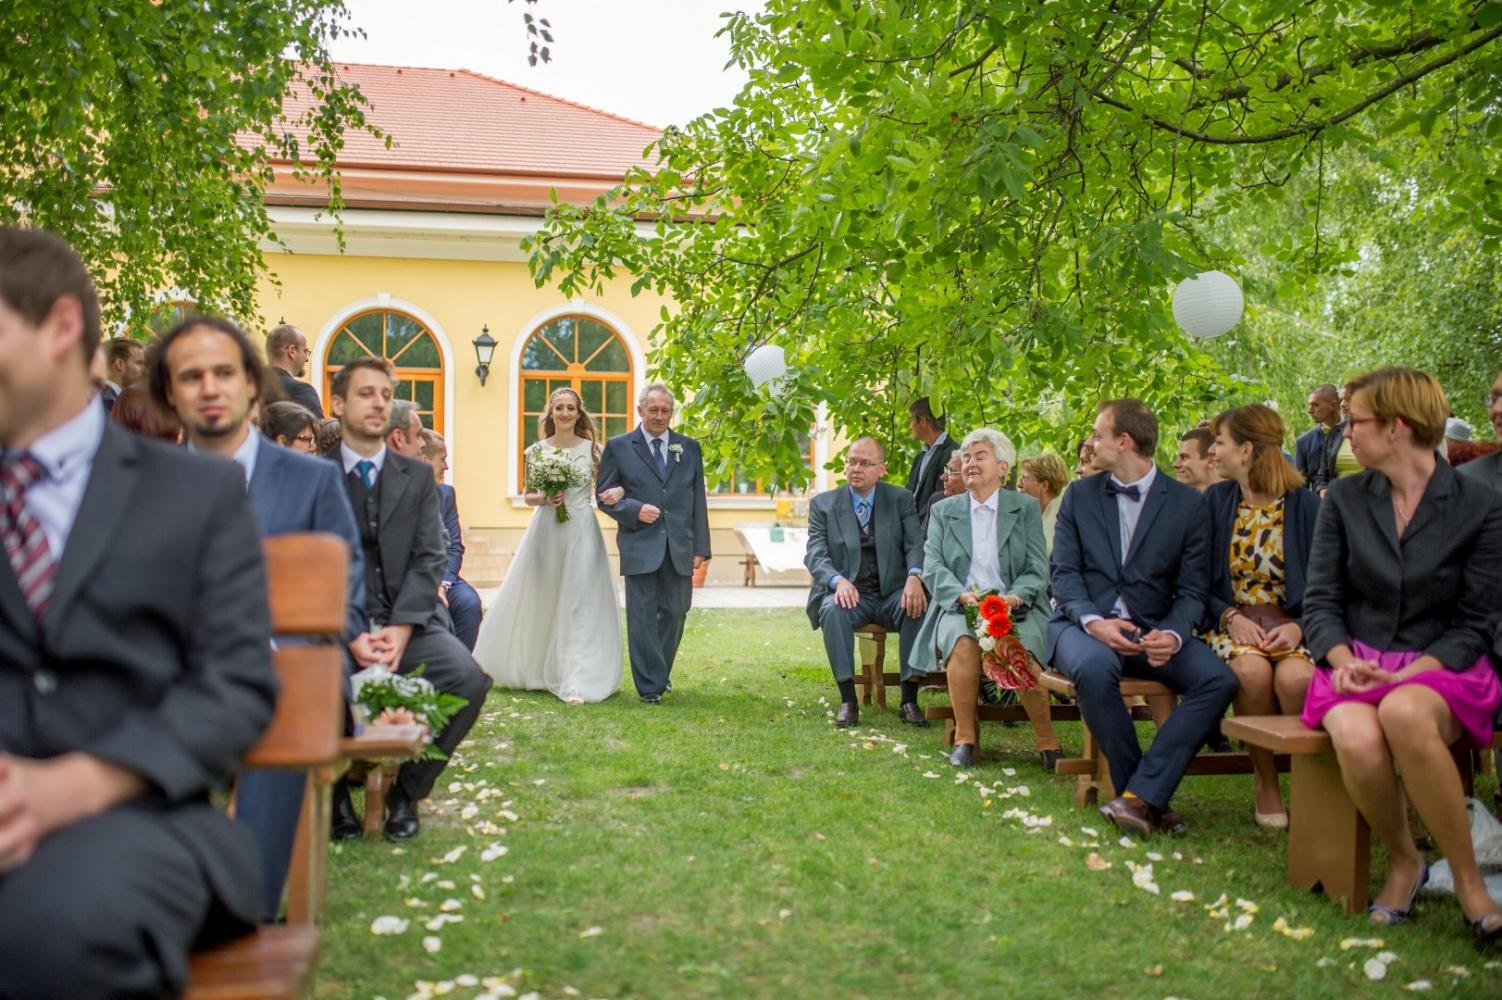 http://www.fotoz.sk/images/gallery-21/normal/eskuvoi-fotos_svadobny-fotograf_059.jpg